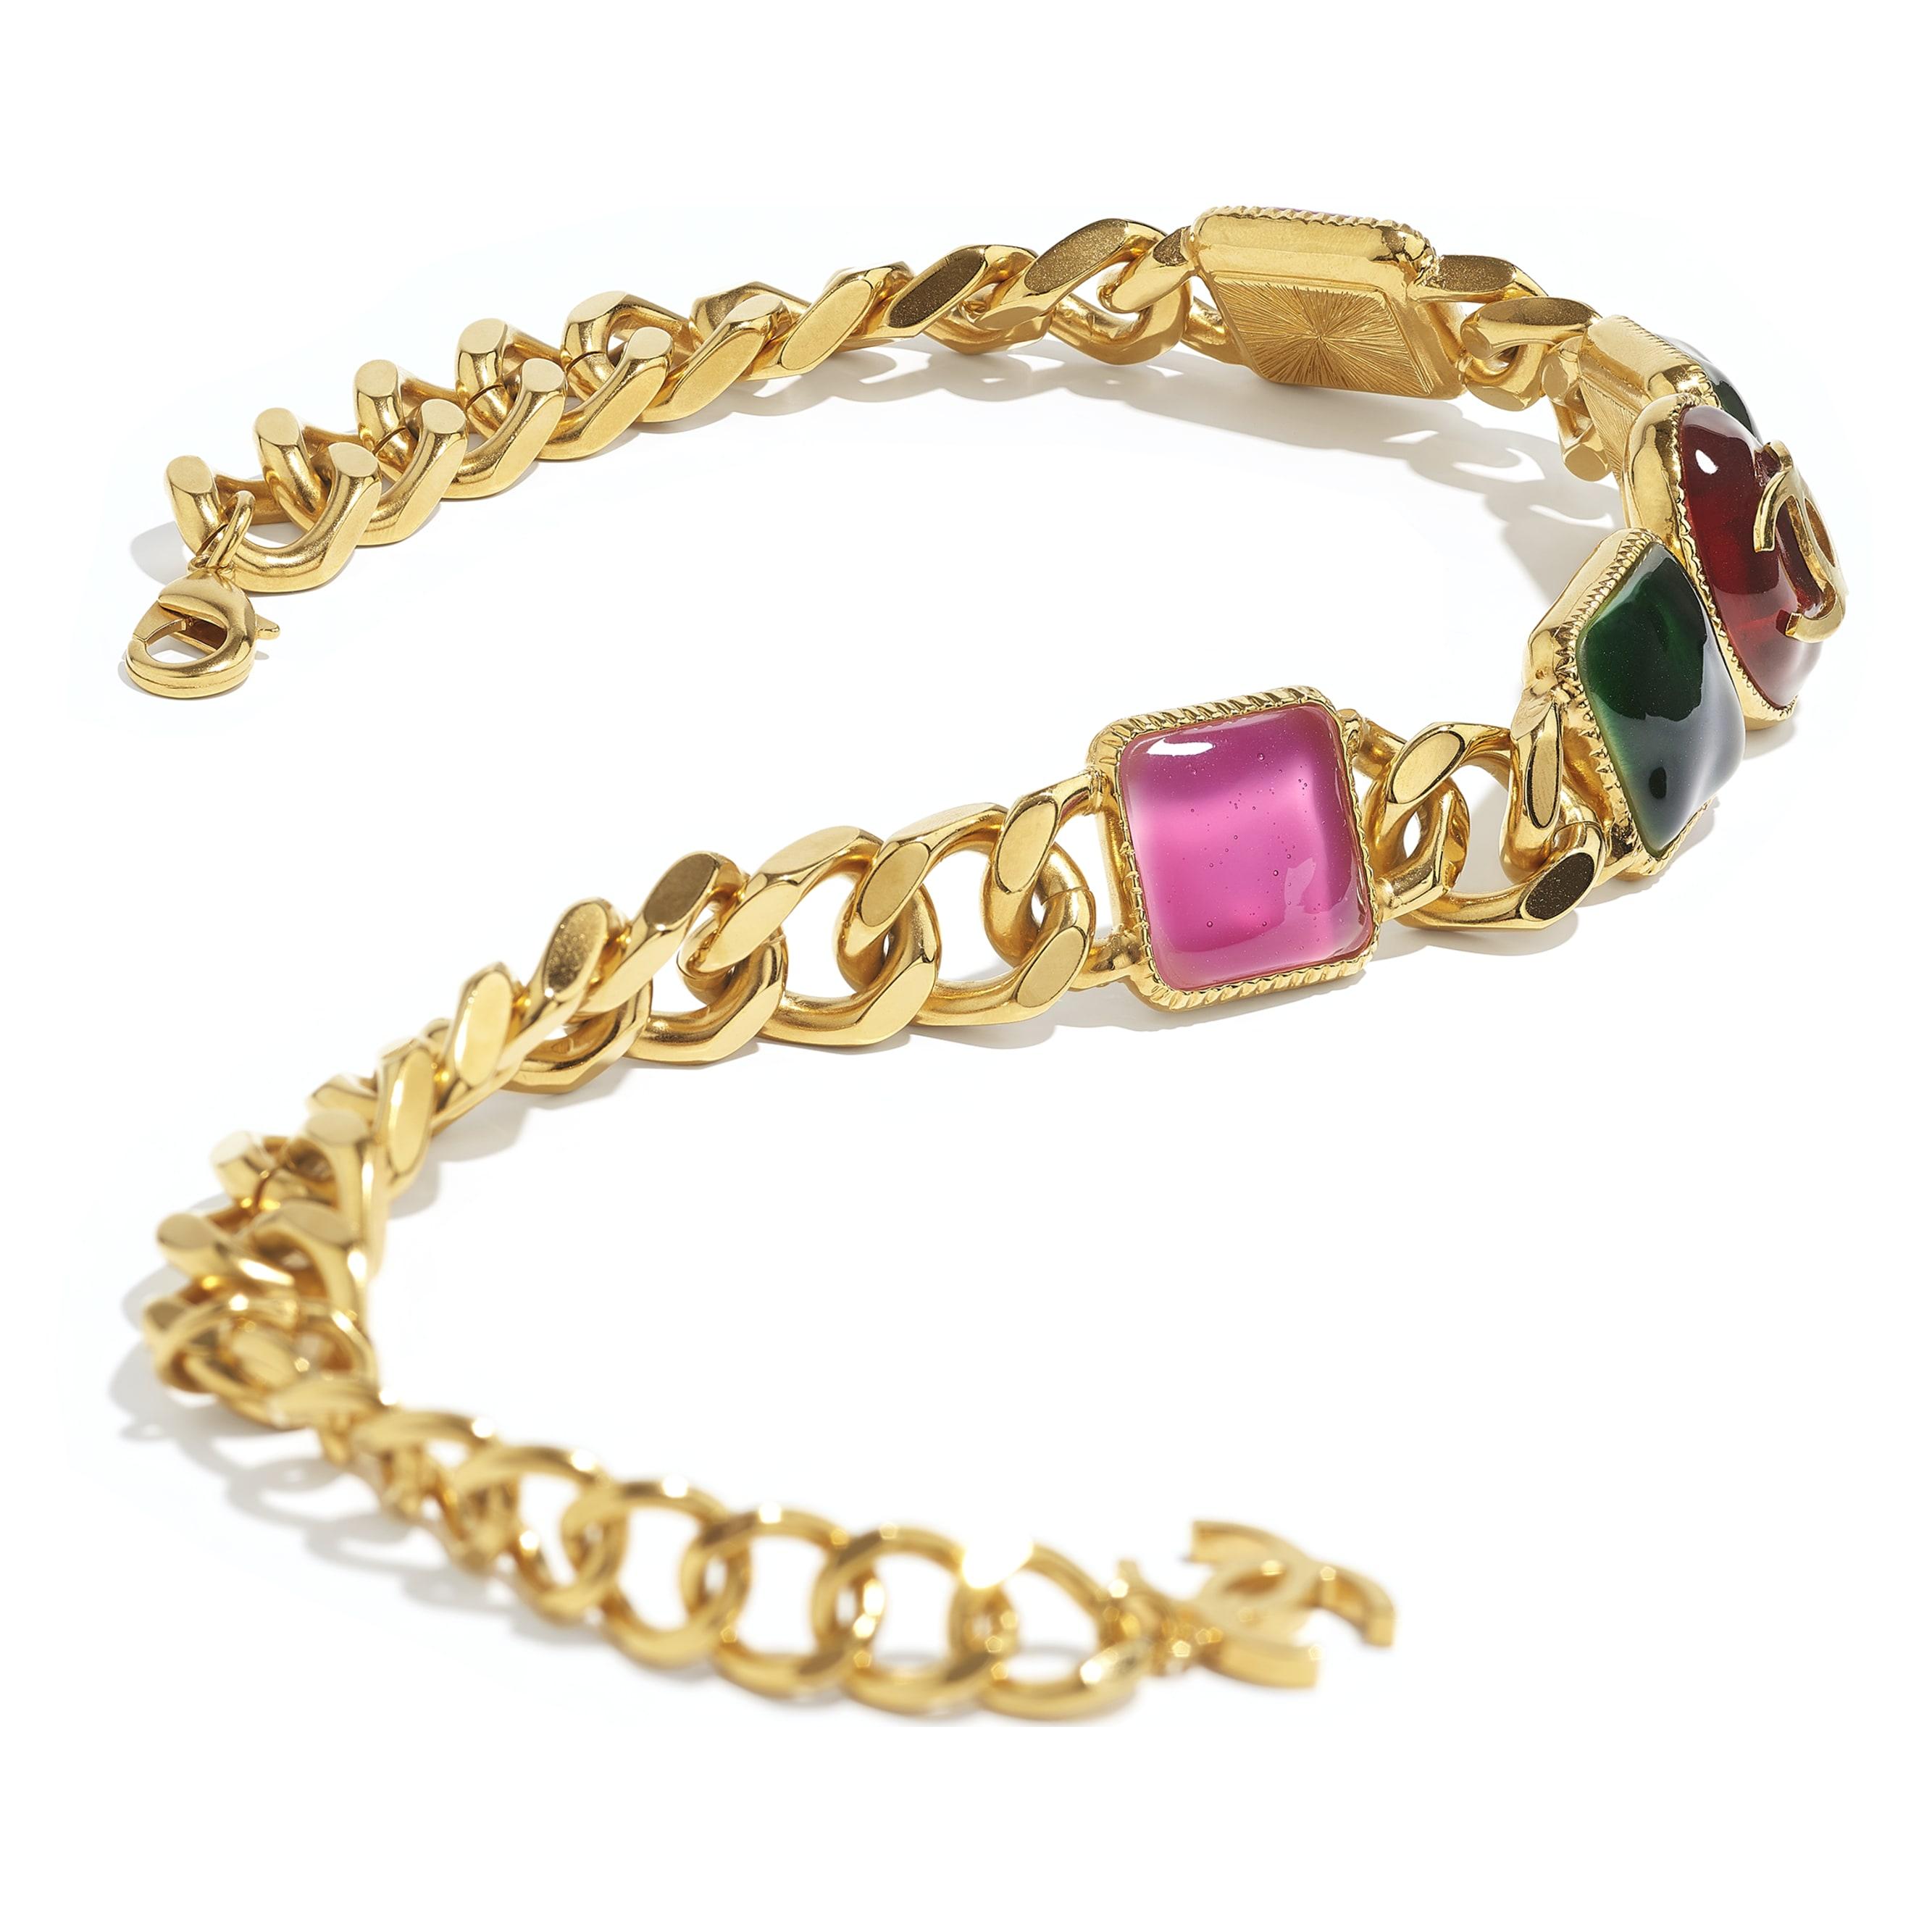 Halskette - Goldfarben, Grün, Bordeaux & Rosa - Metall & Harz - CHANEL - Alternative Ansicht - Standardgröße anzeigen